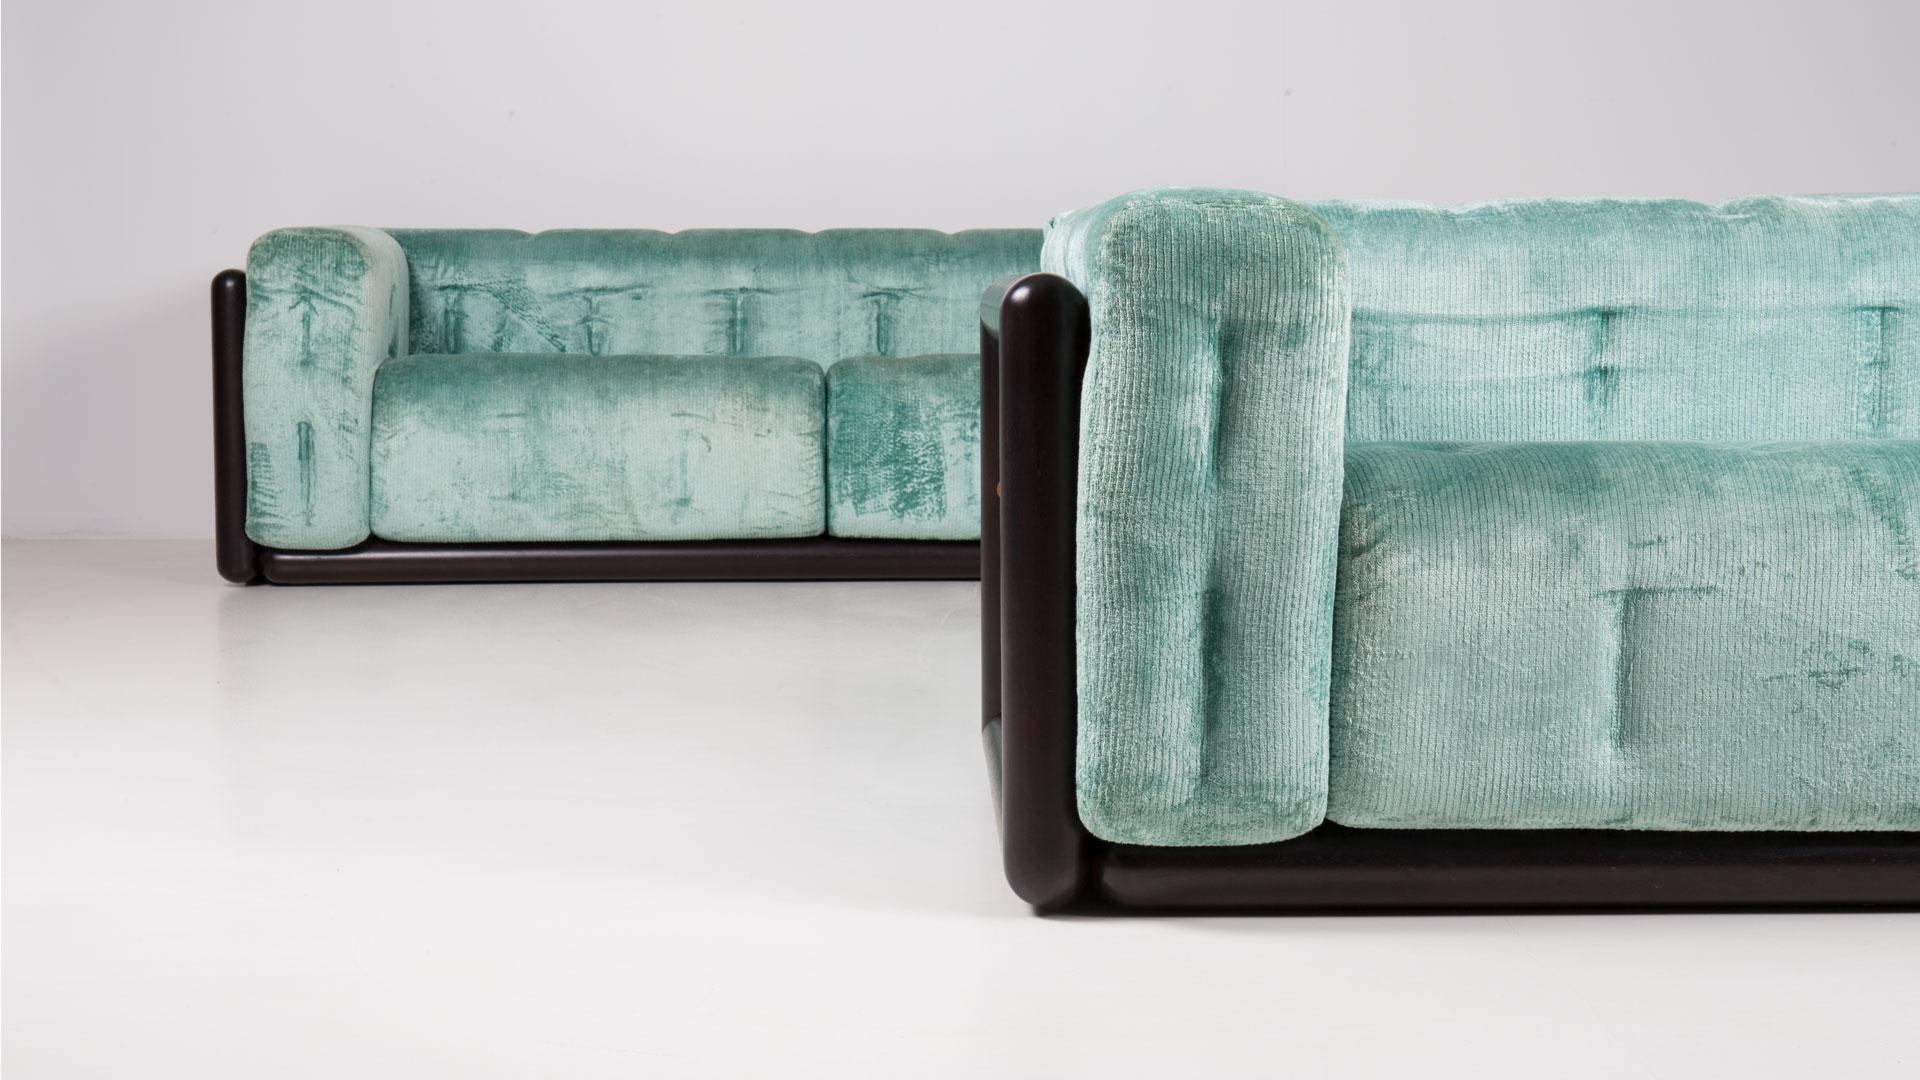 Cornaro 220 sofa by Carlo Scarpa | Paradisoterrestre